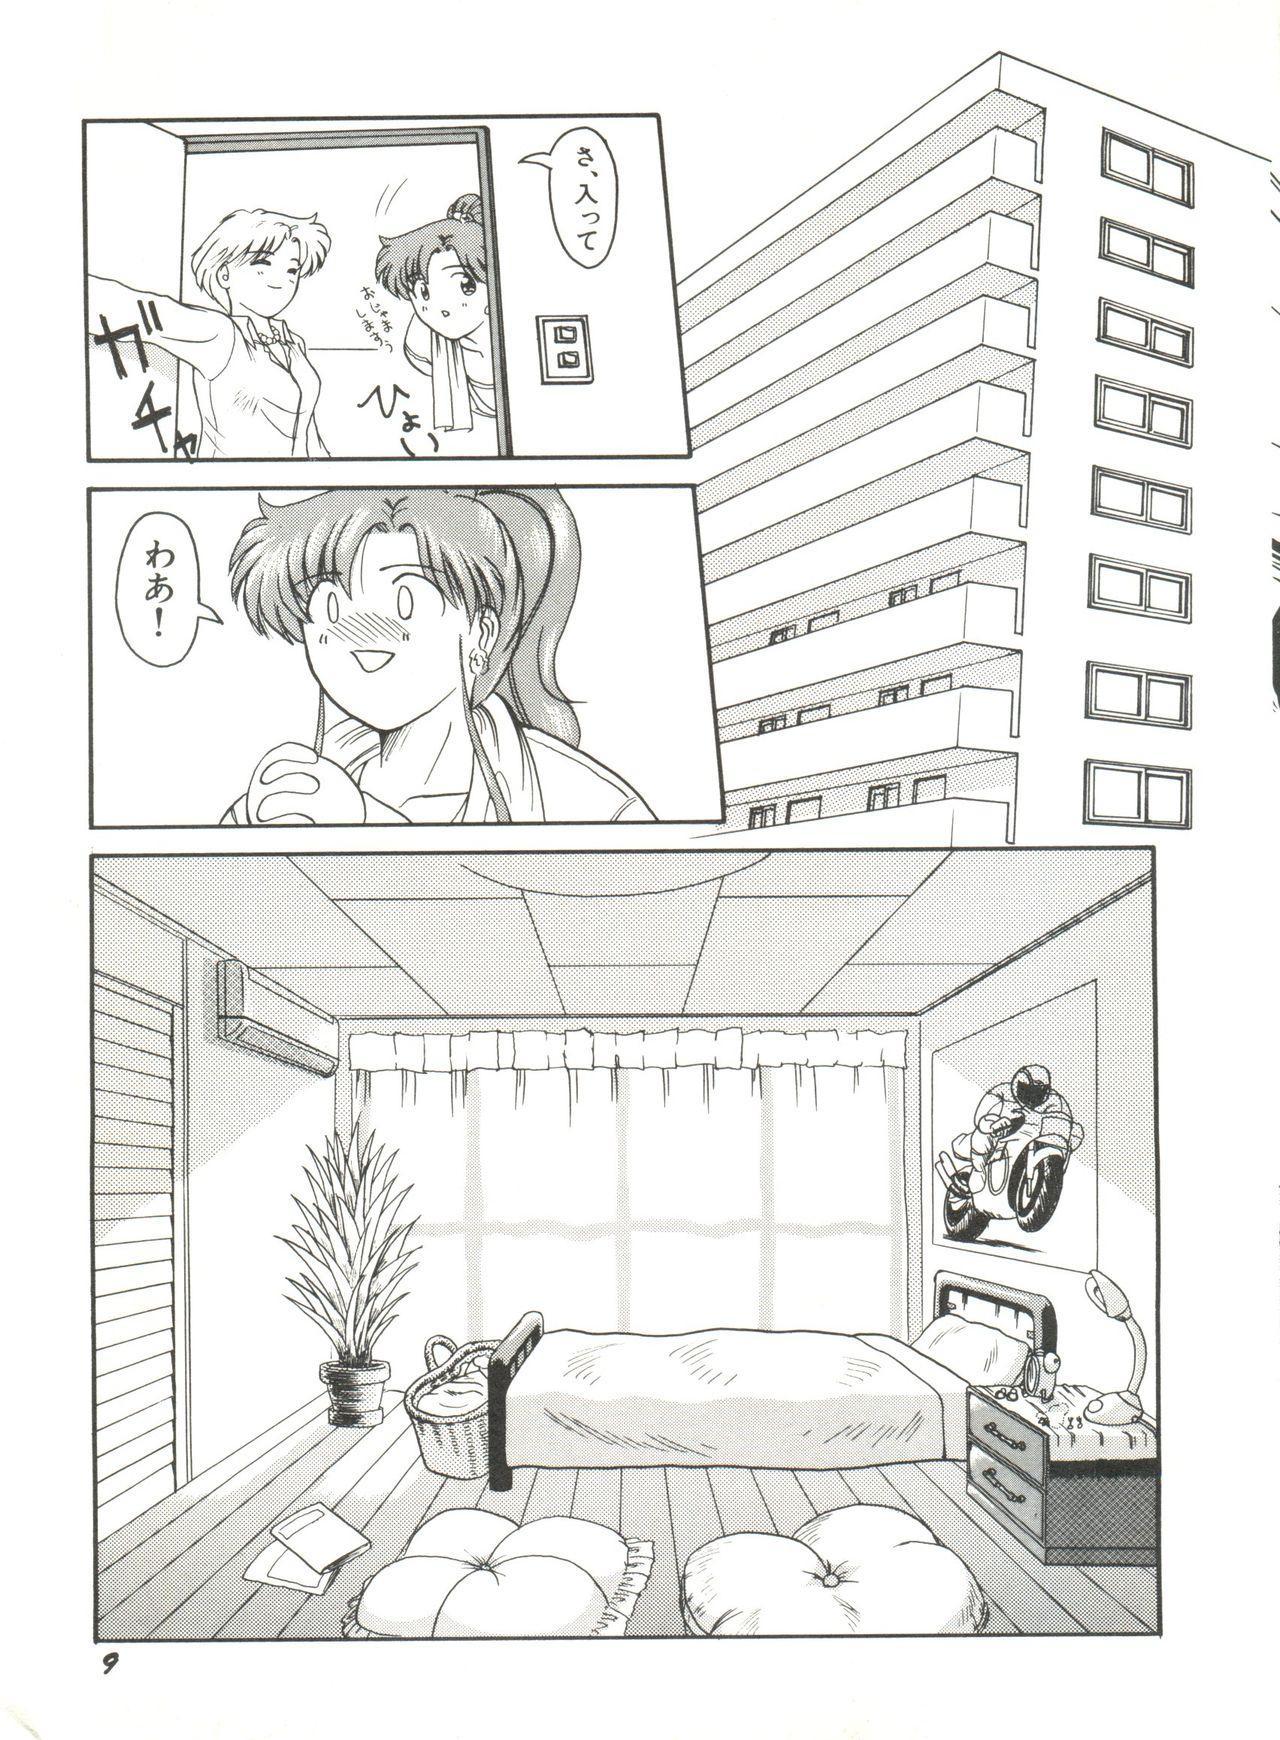 Bishoujo Doujinshi Anthology 12 - Moon Paradise 7 Tsuki no Rakuen 13